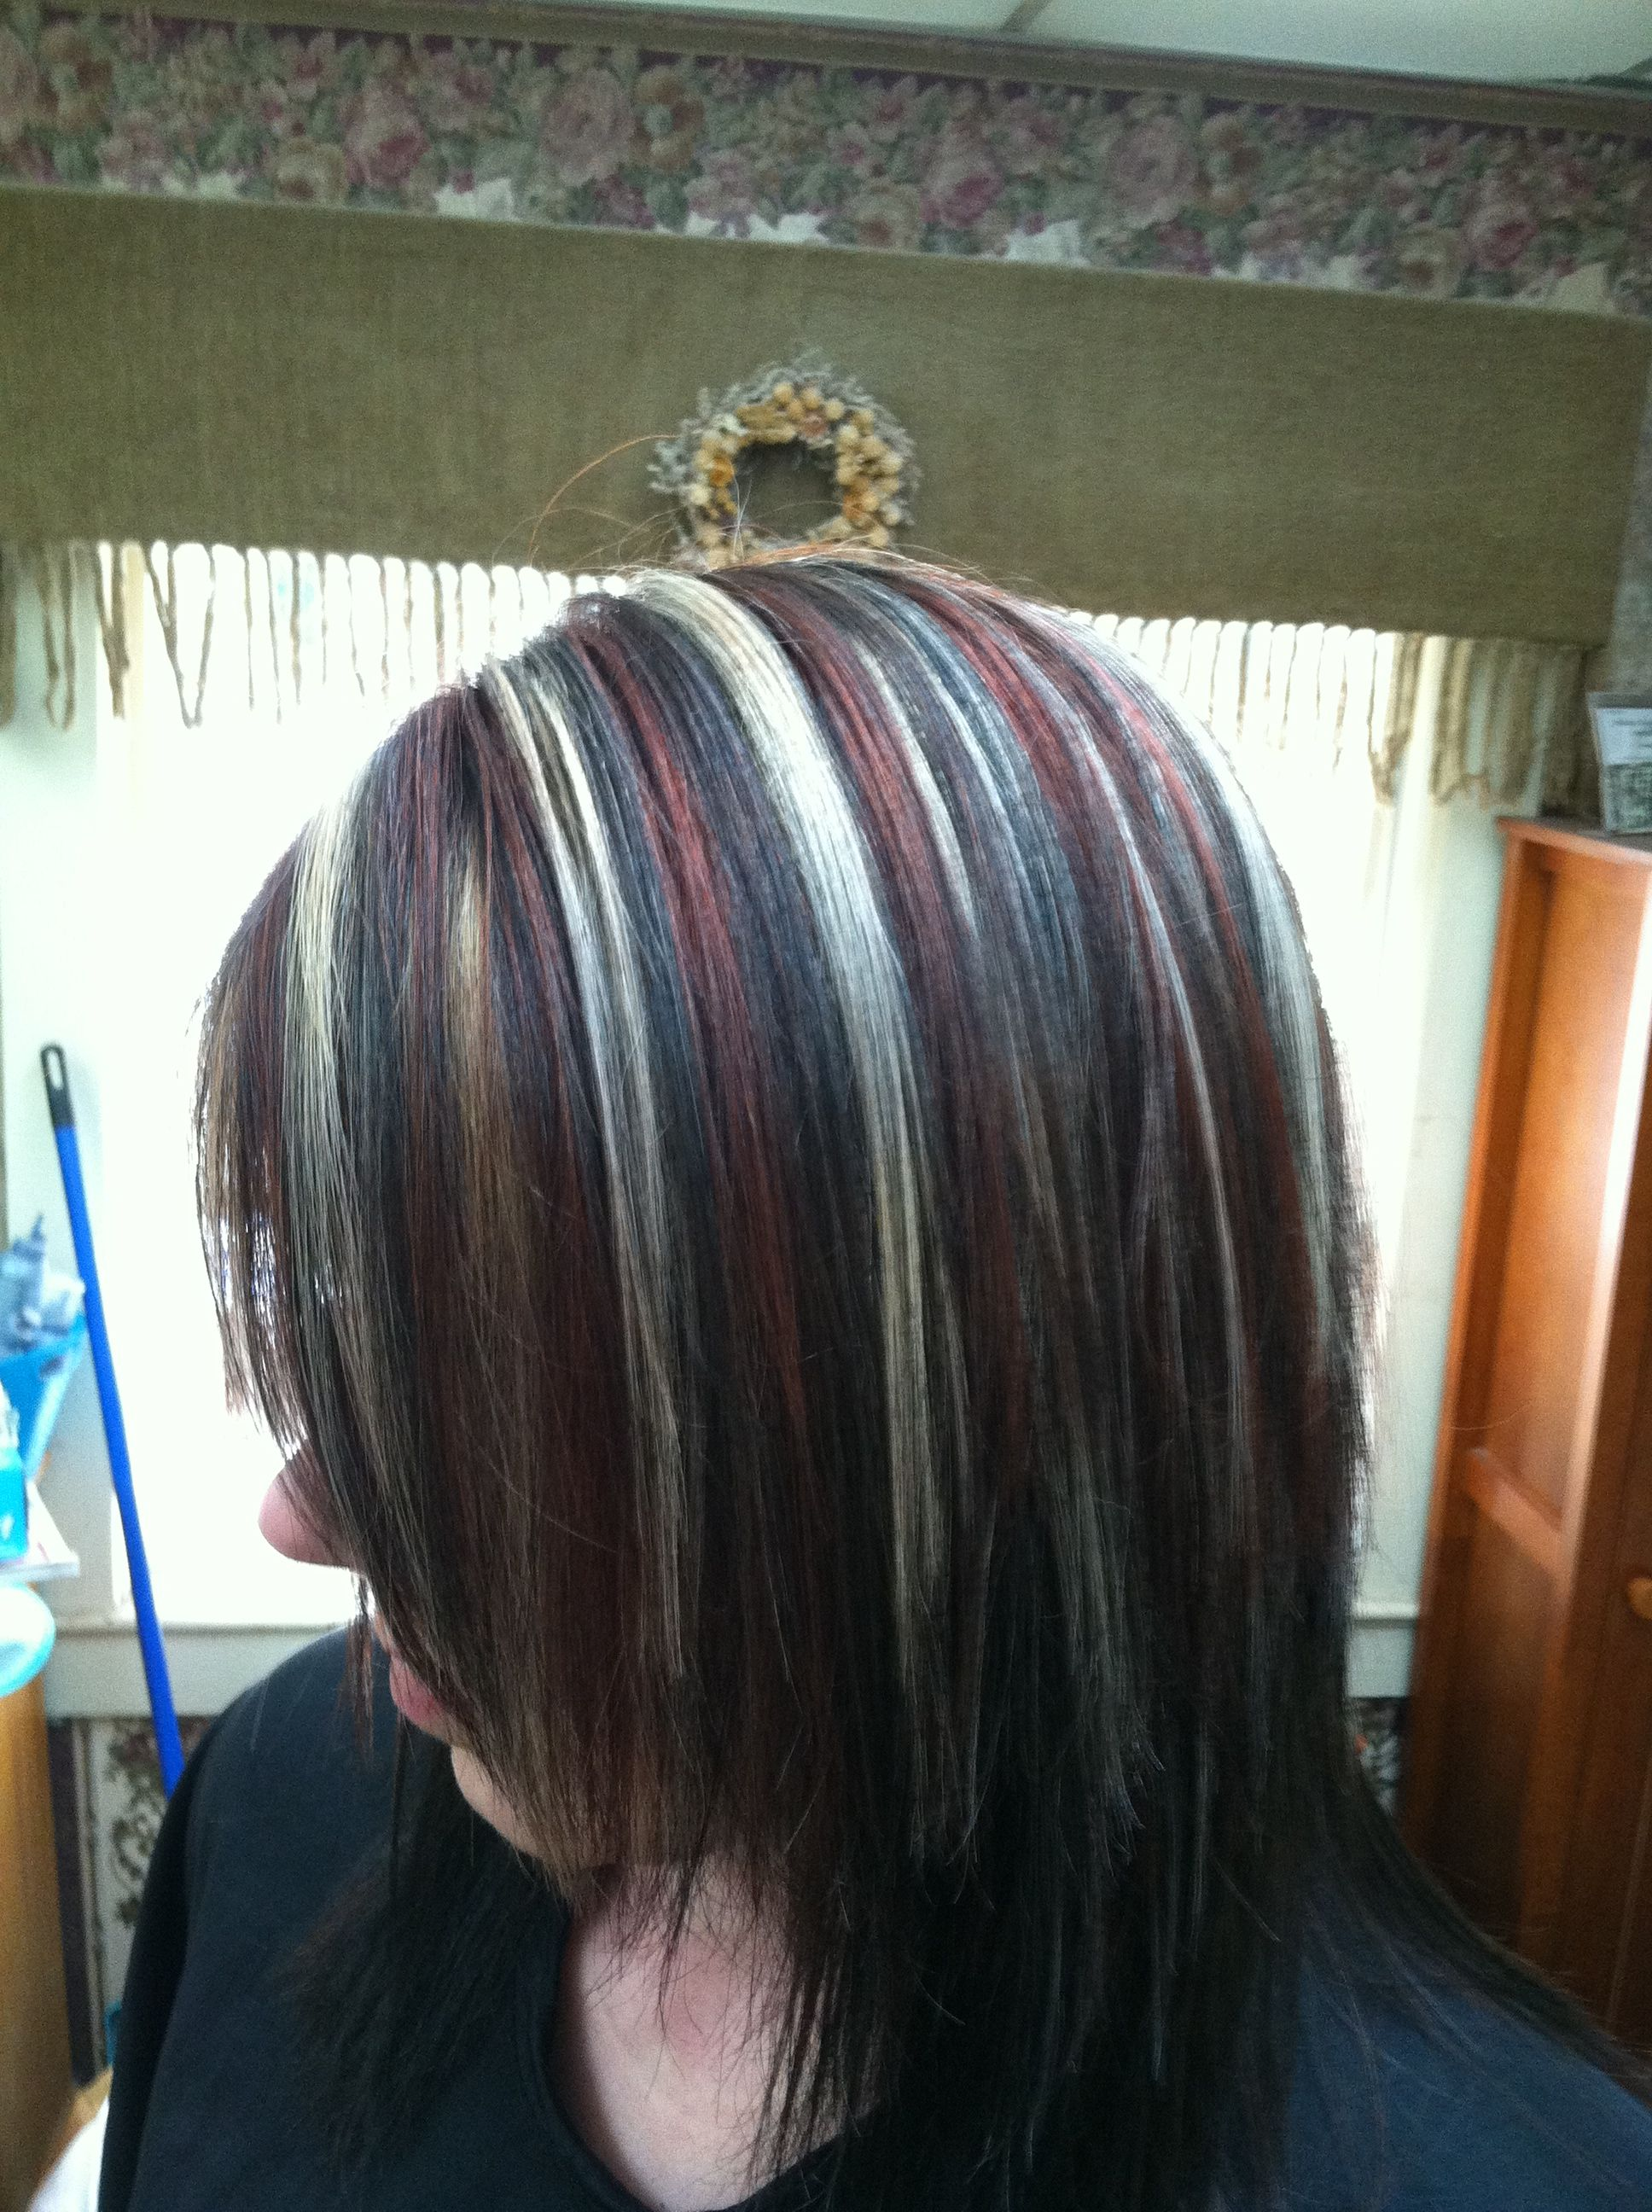 Pin By Michelle Amos On My Work Auburn Hair With Highlights Hair Auburn Hair